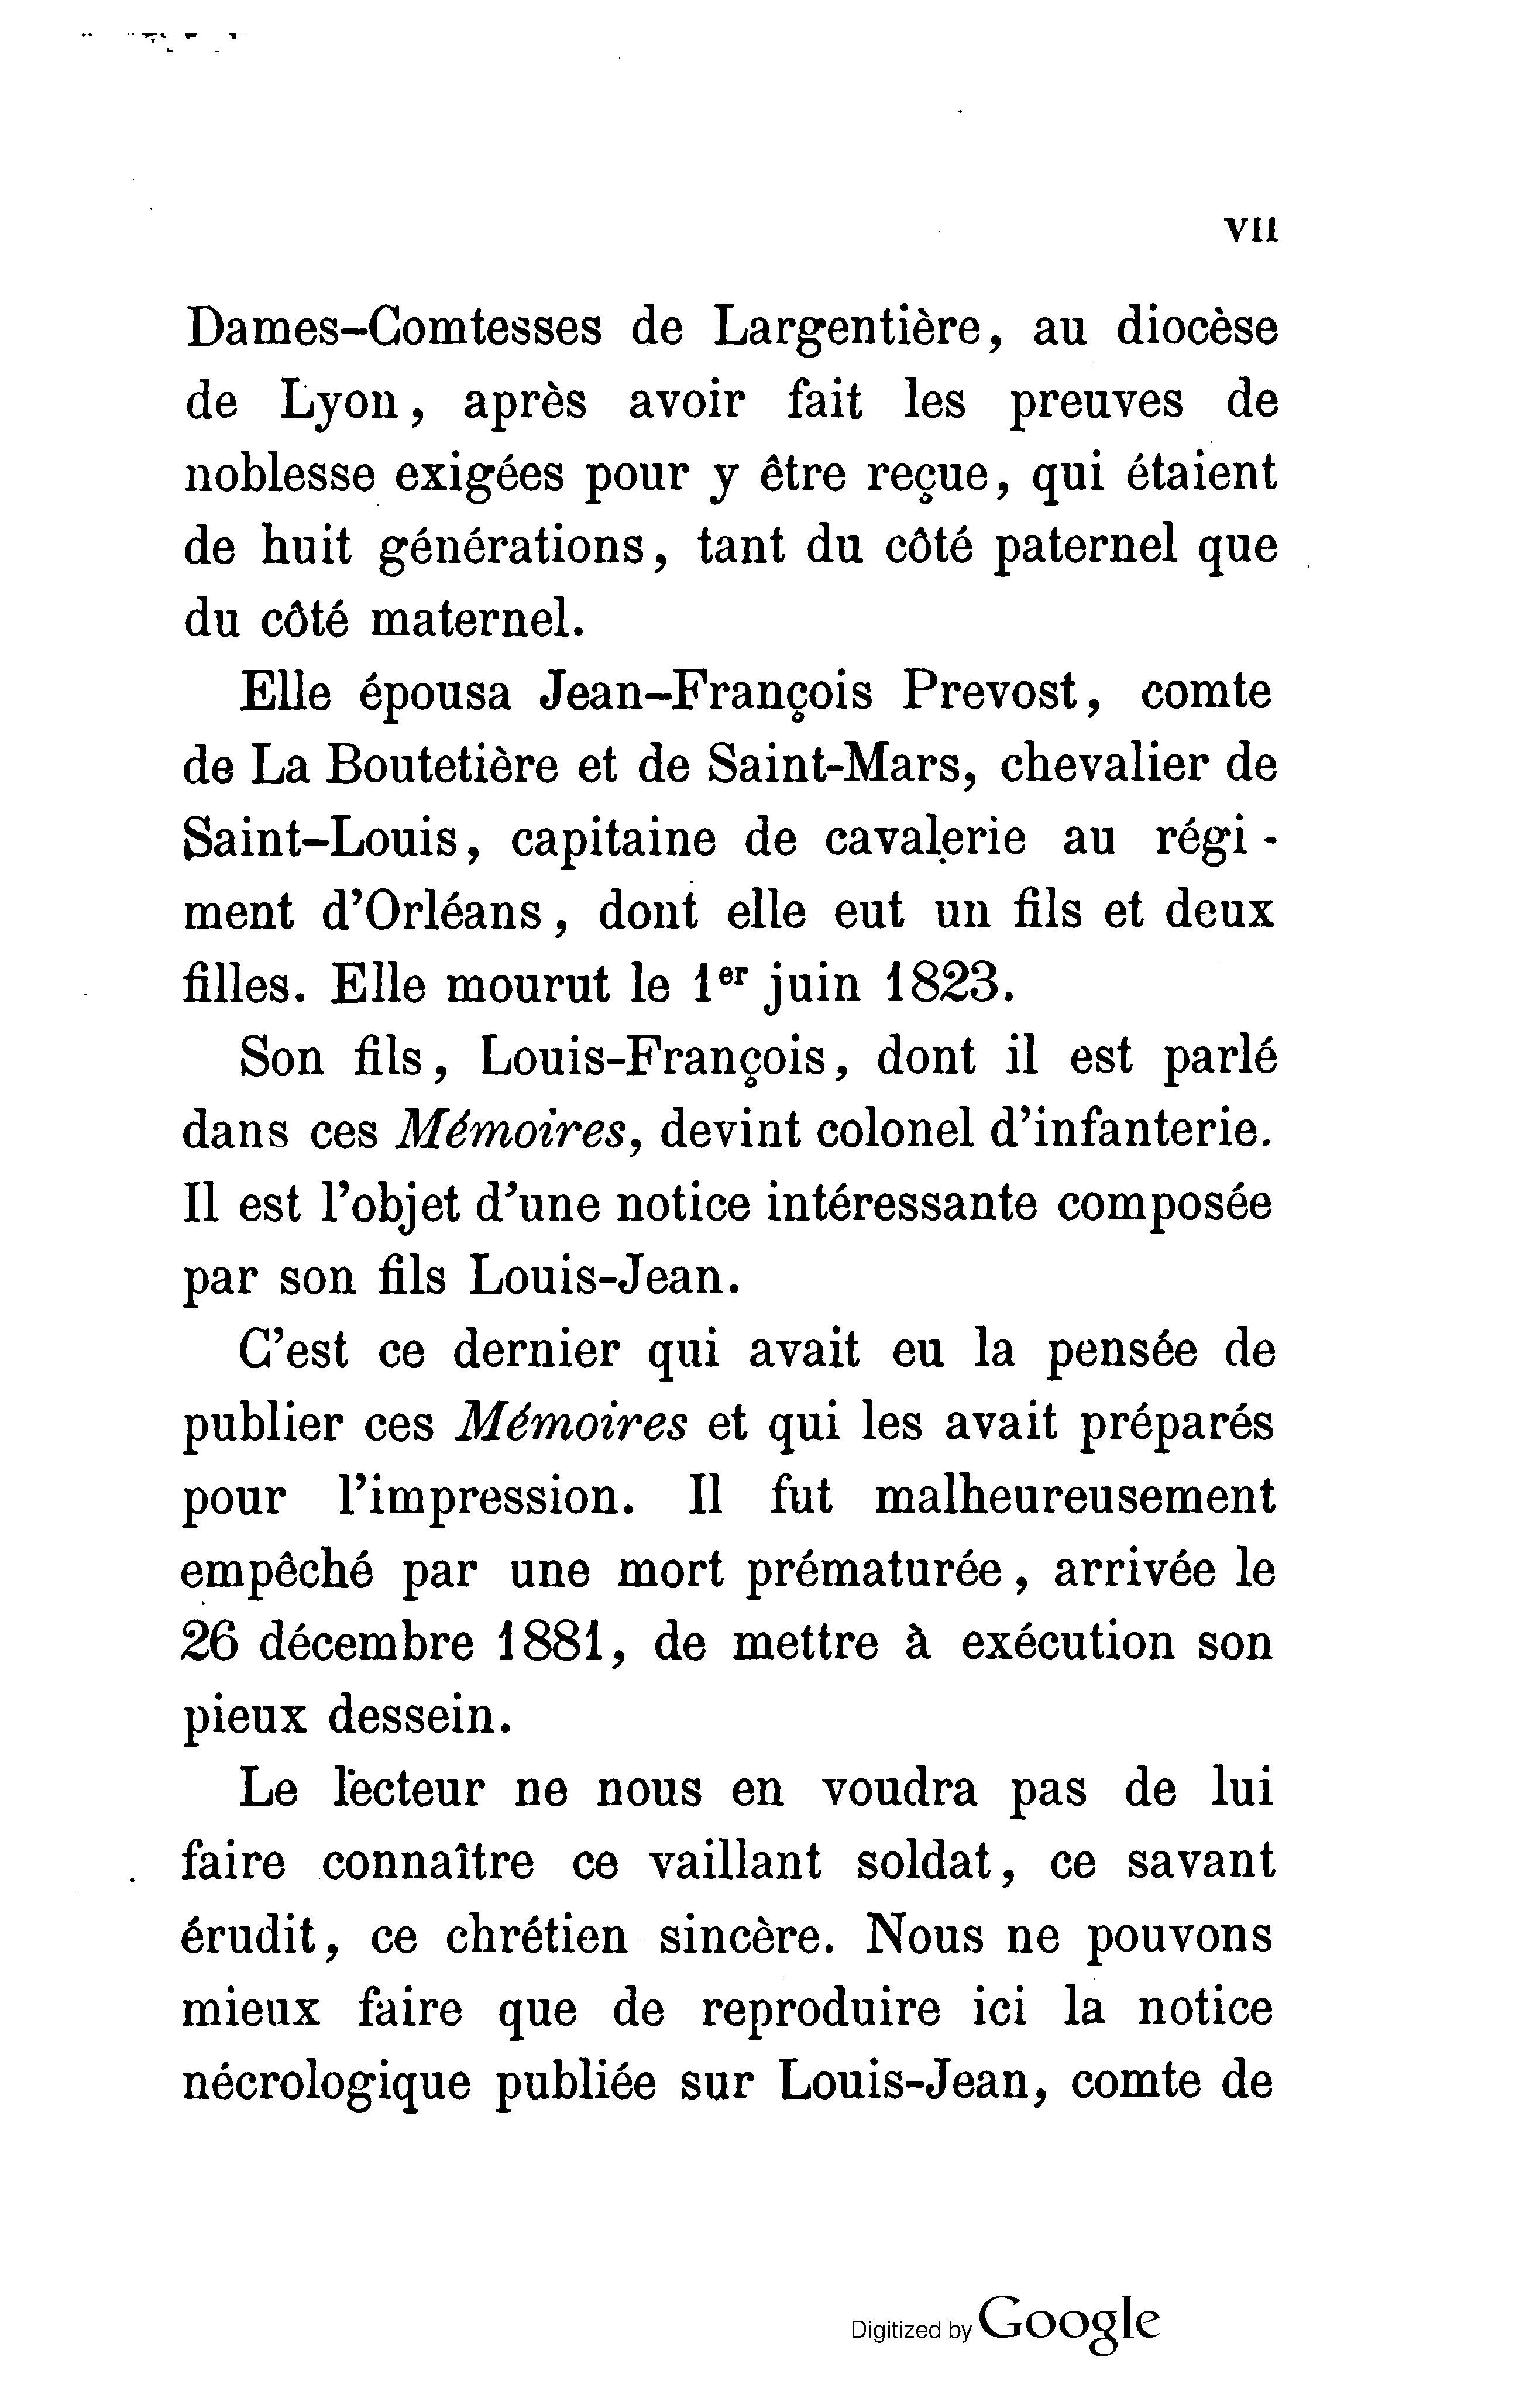 Notice nécrologique sur le Comte de Mailly-Chalon -